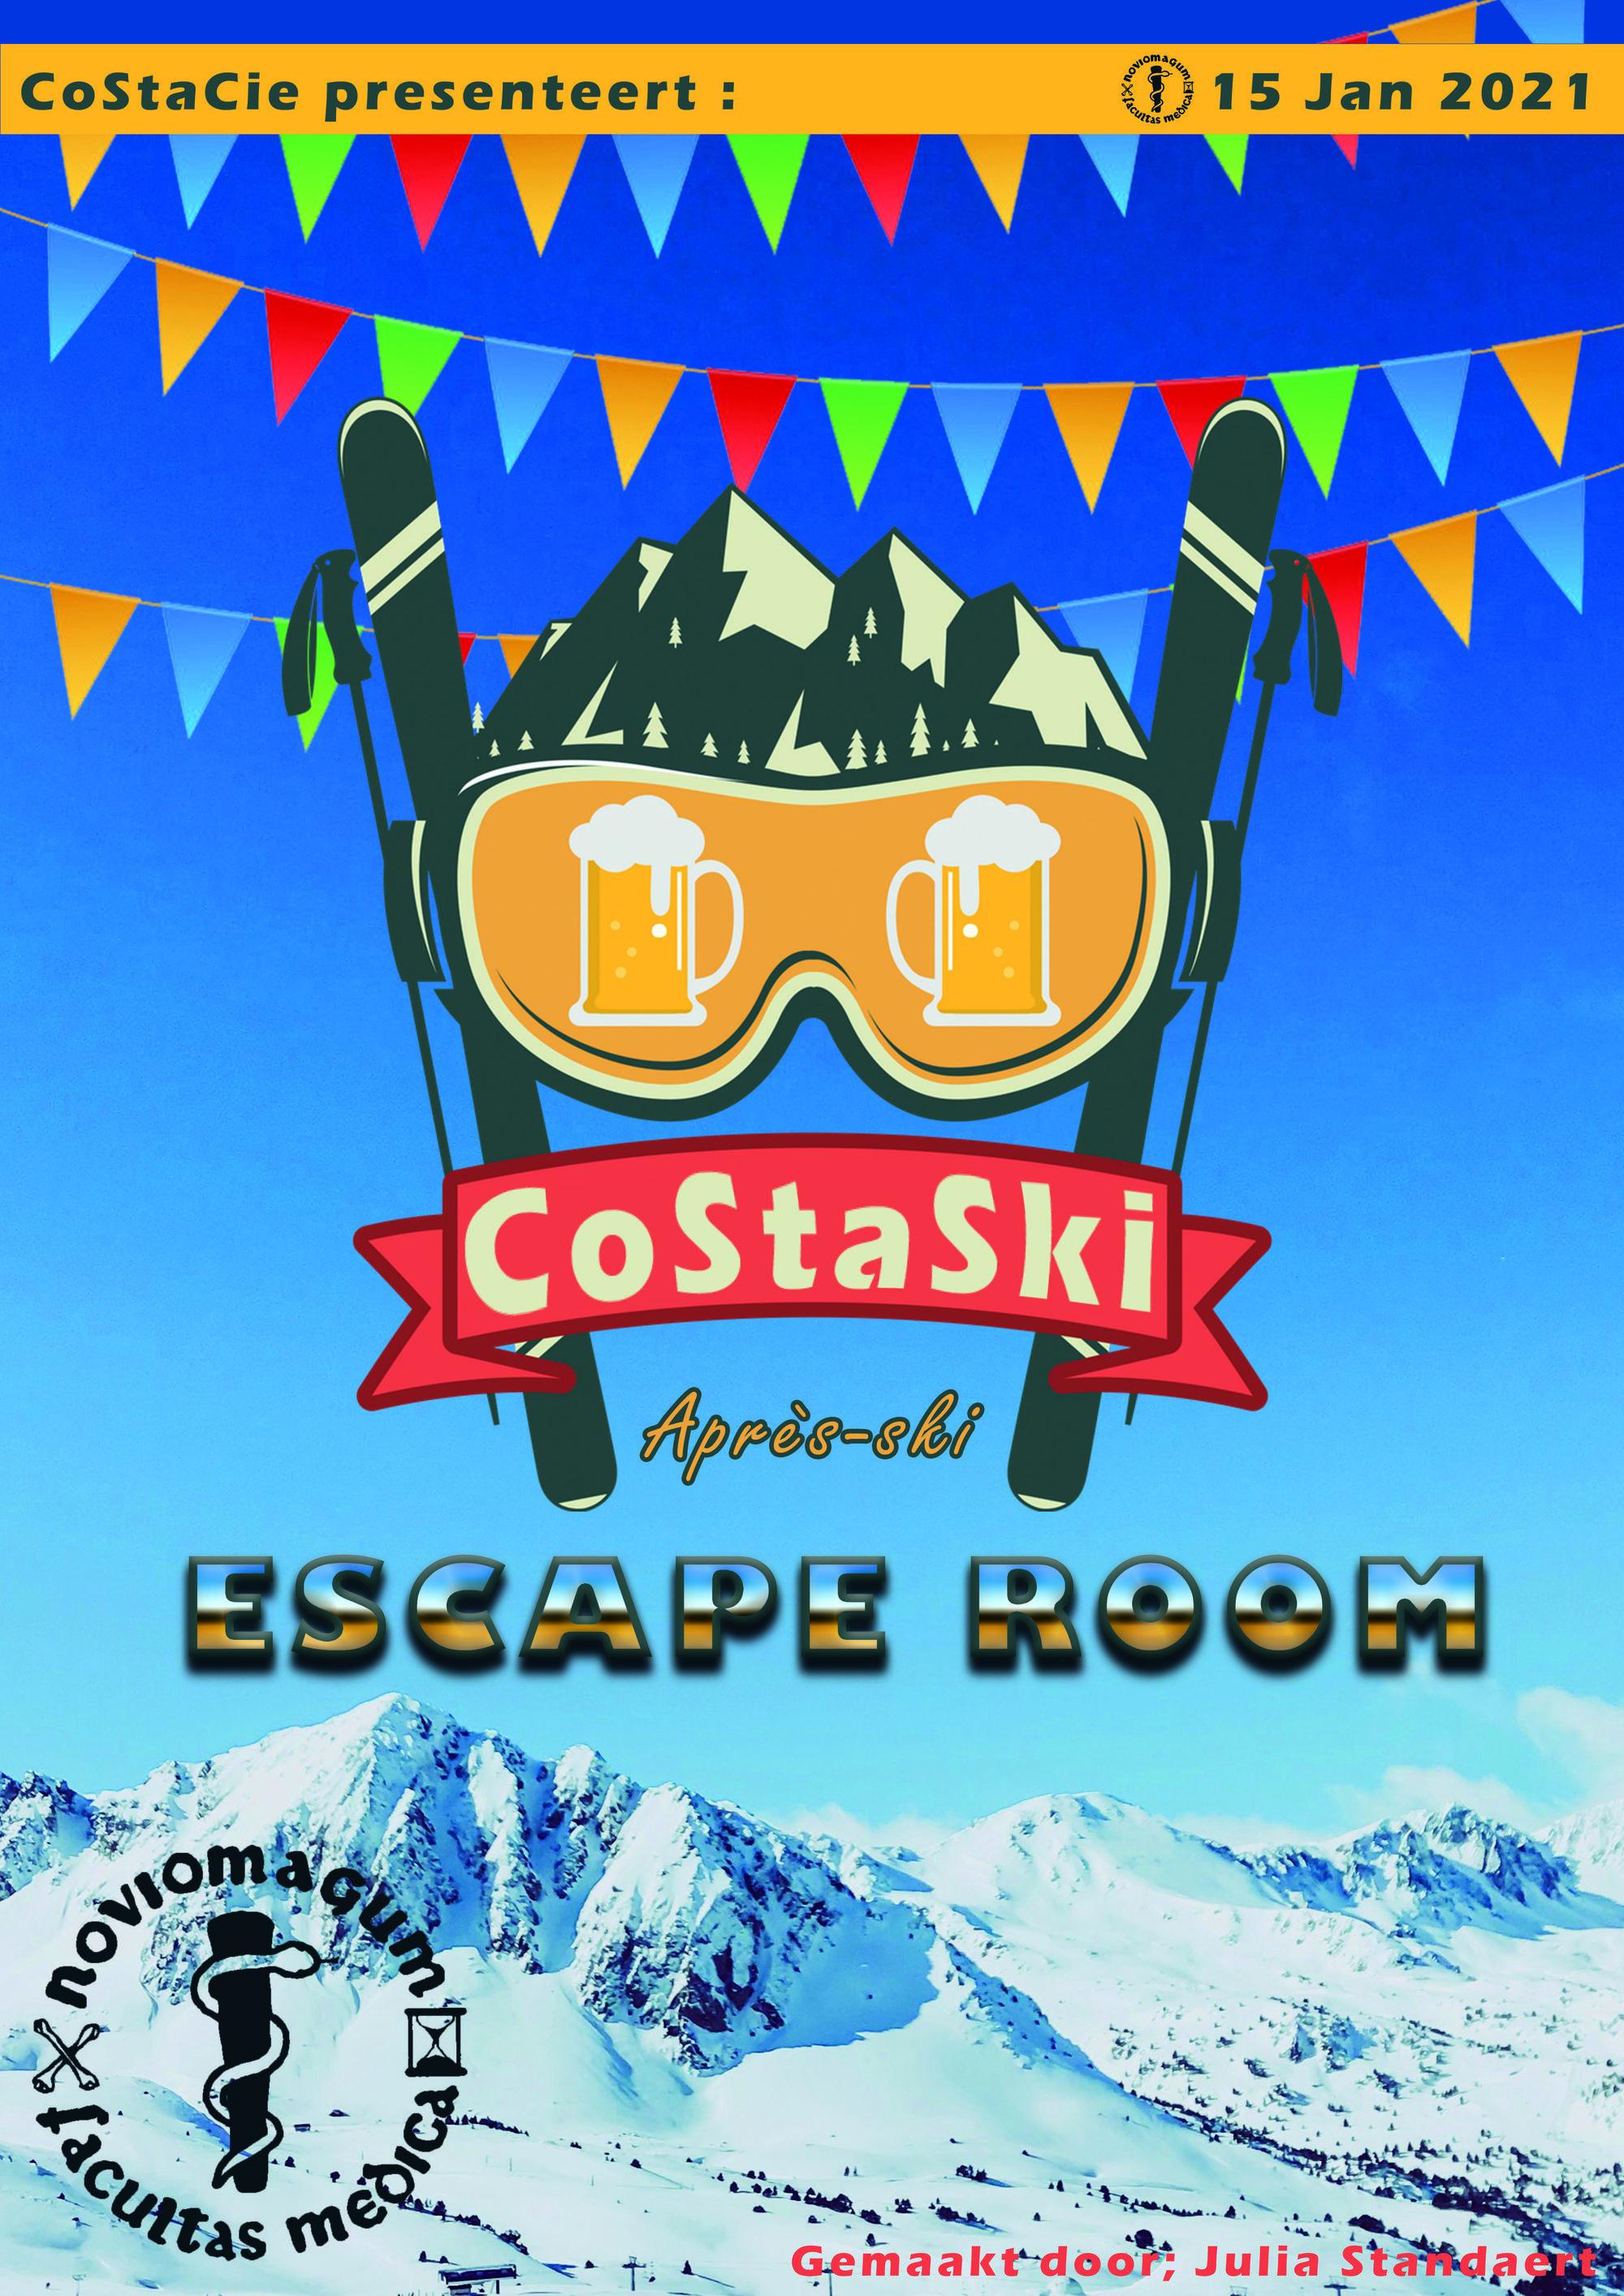 CoStaSki Escaperoom